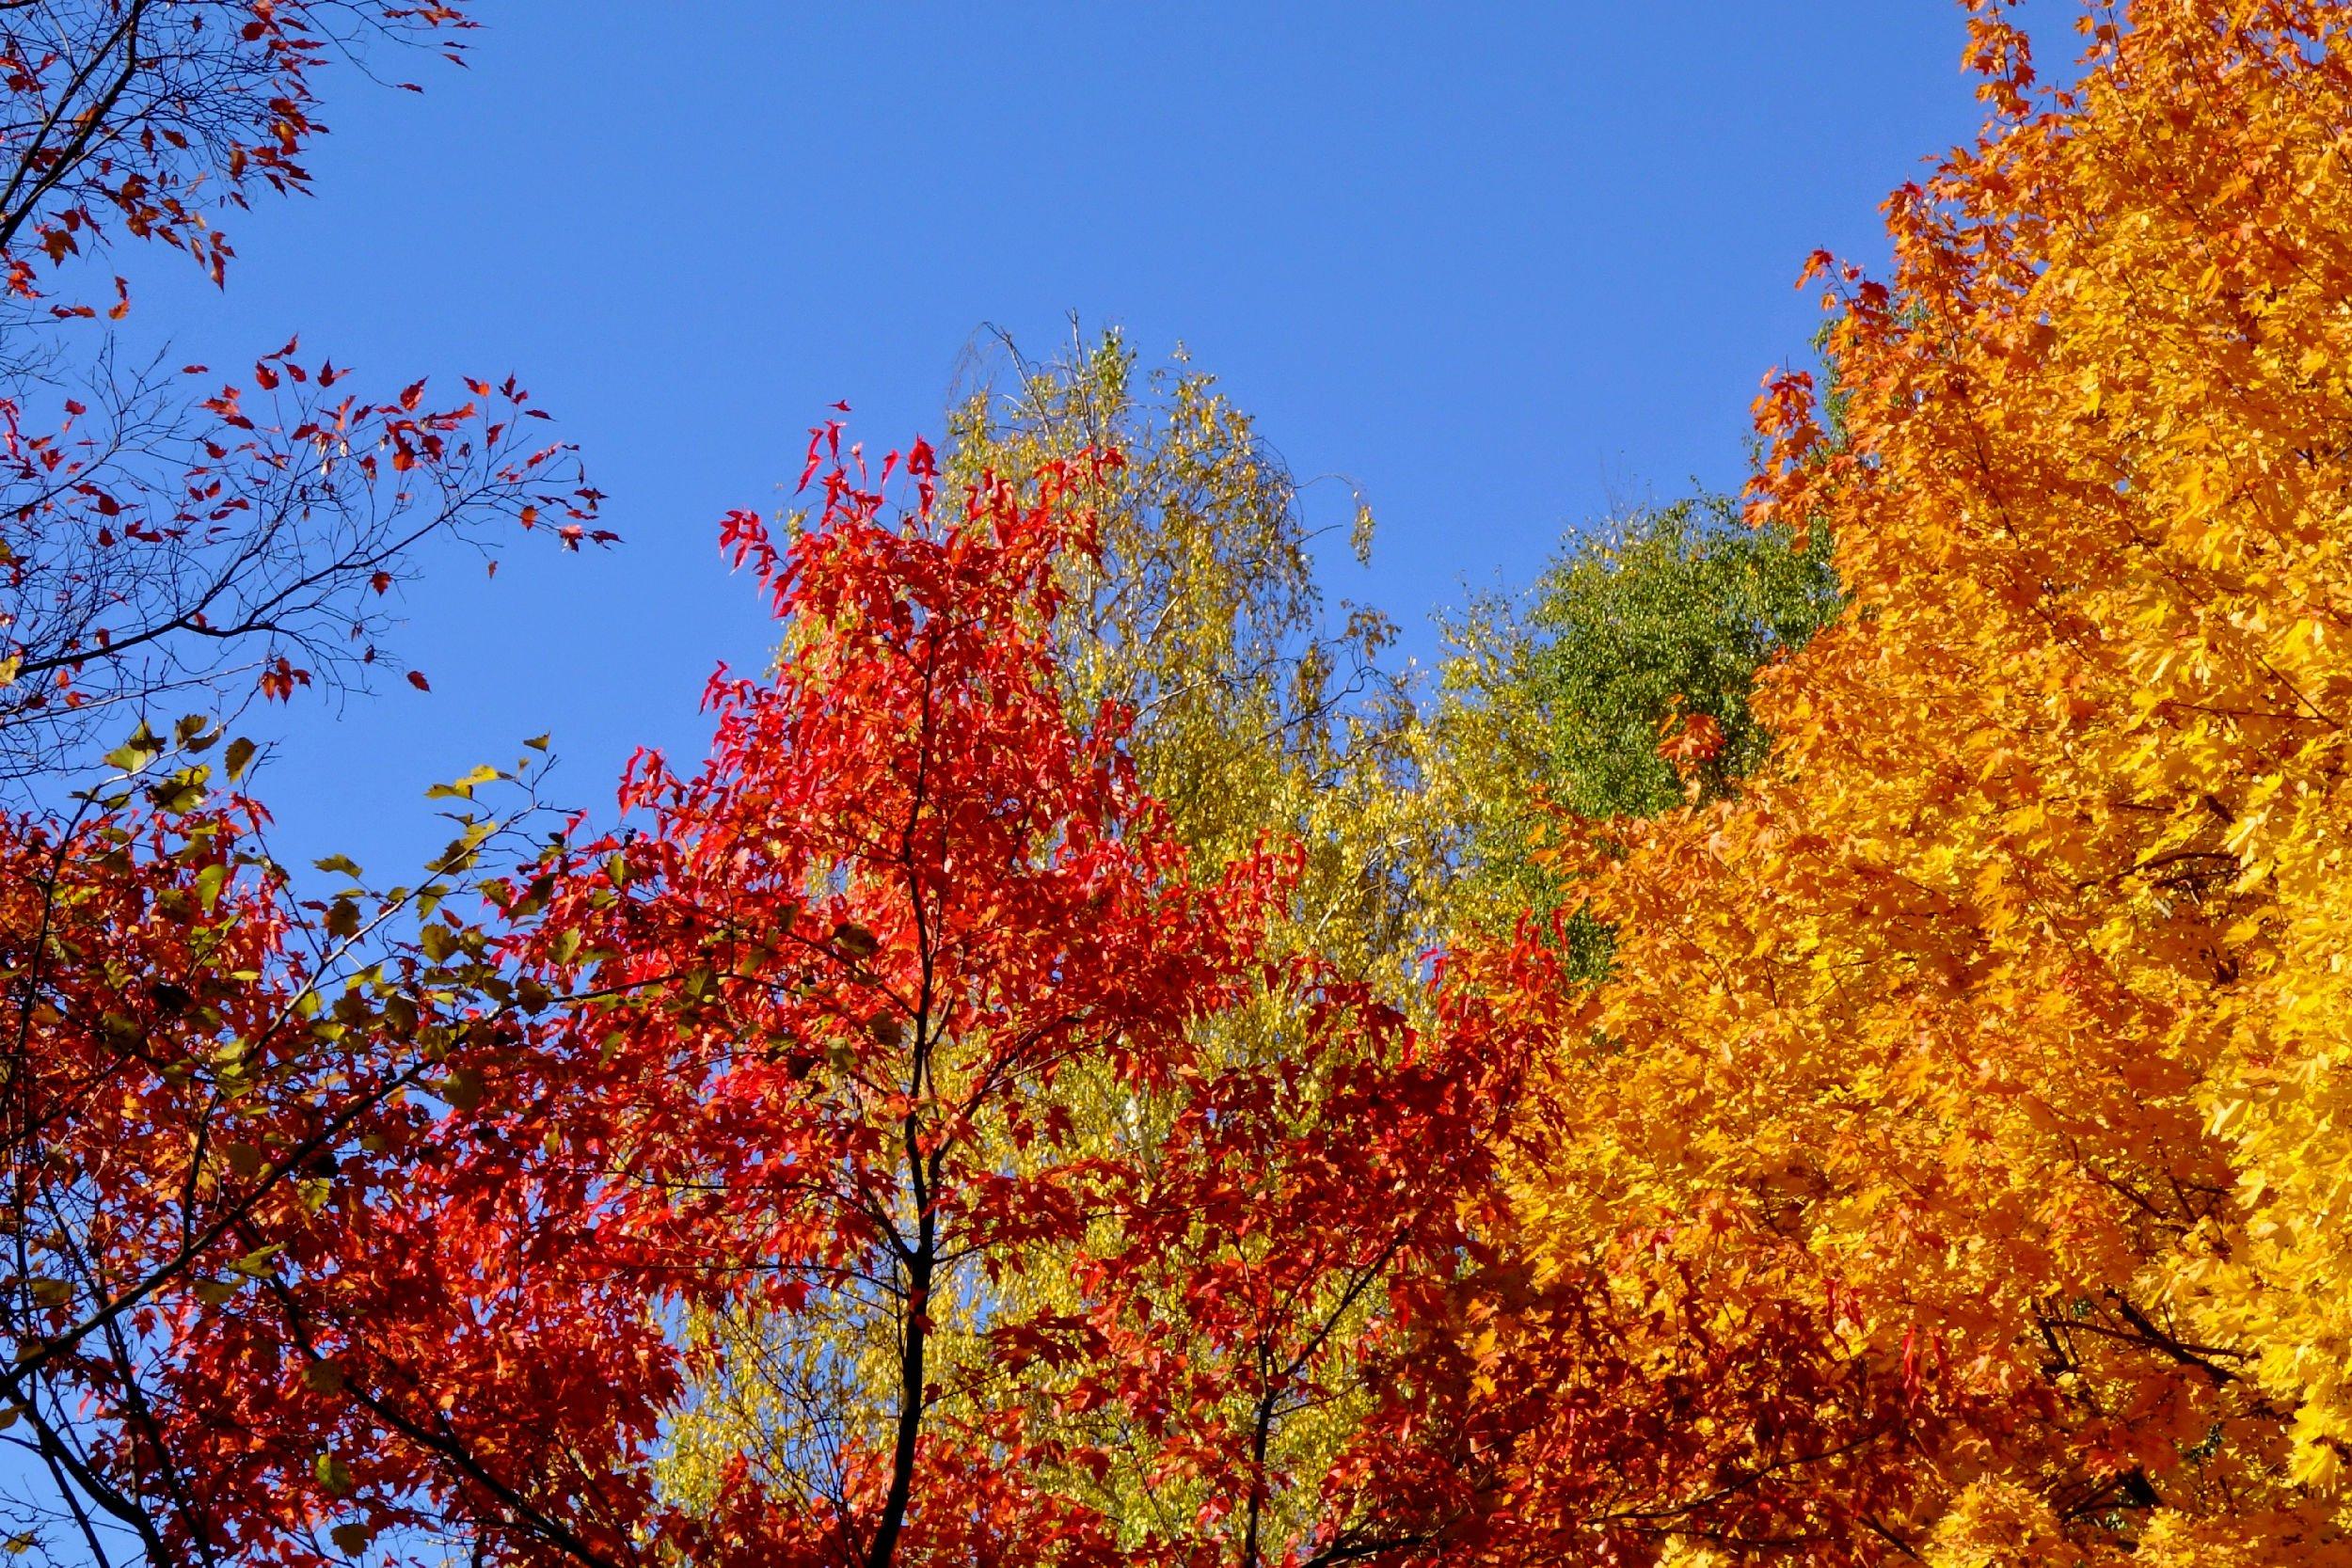 меня деревья с опавшей листвой картинки стала отказываться